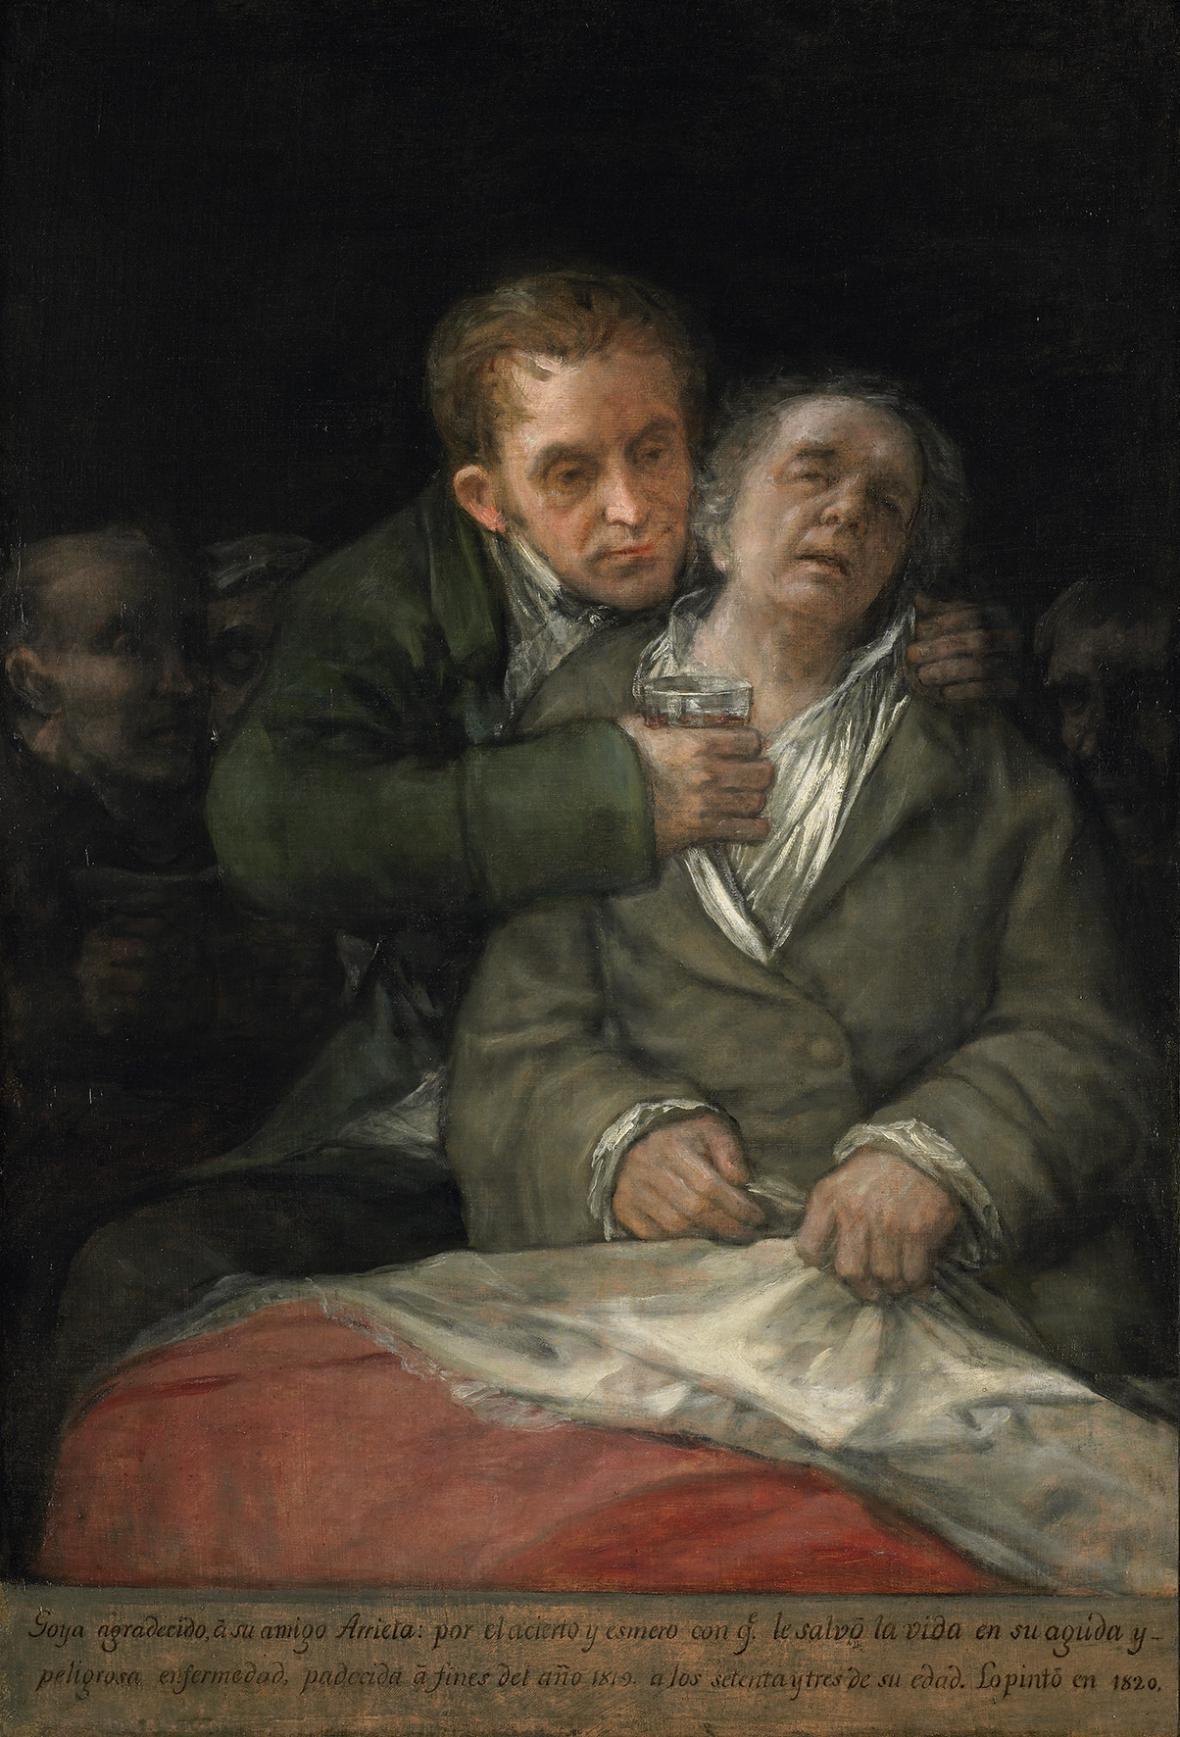 Francisco Goya / Autoportrét s lékařem